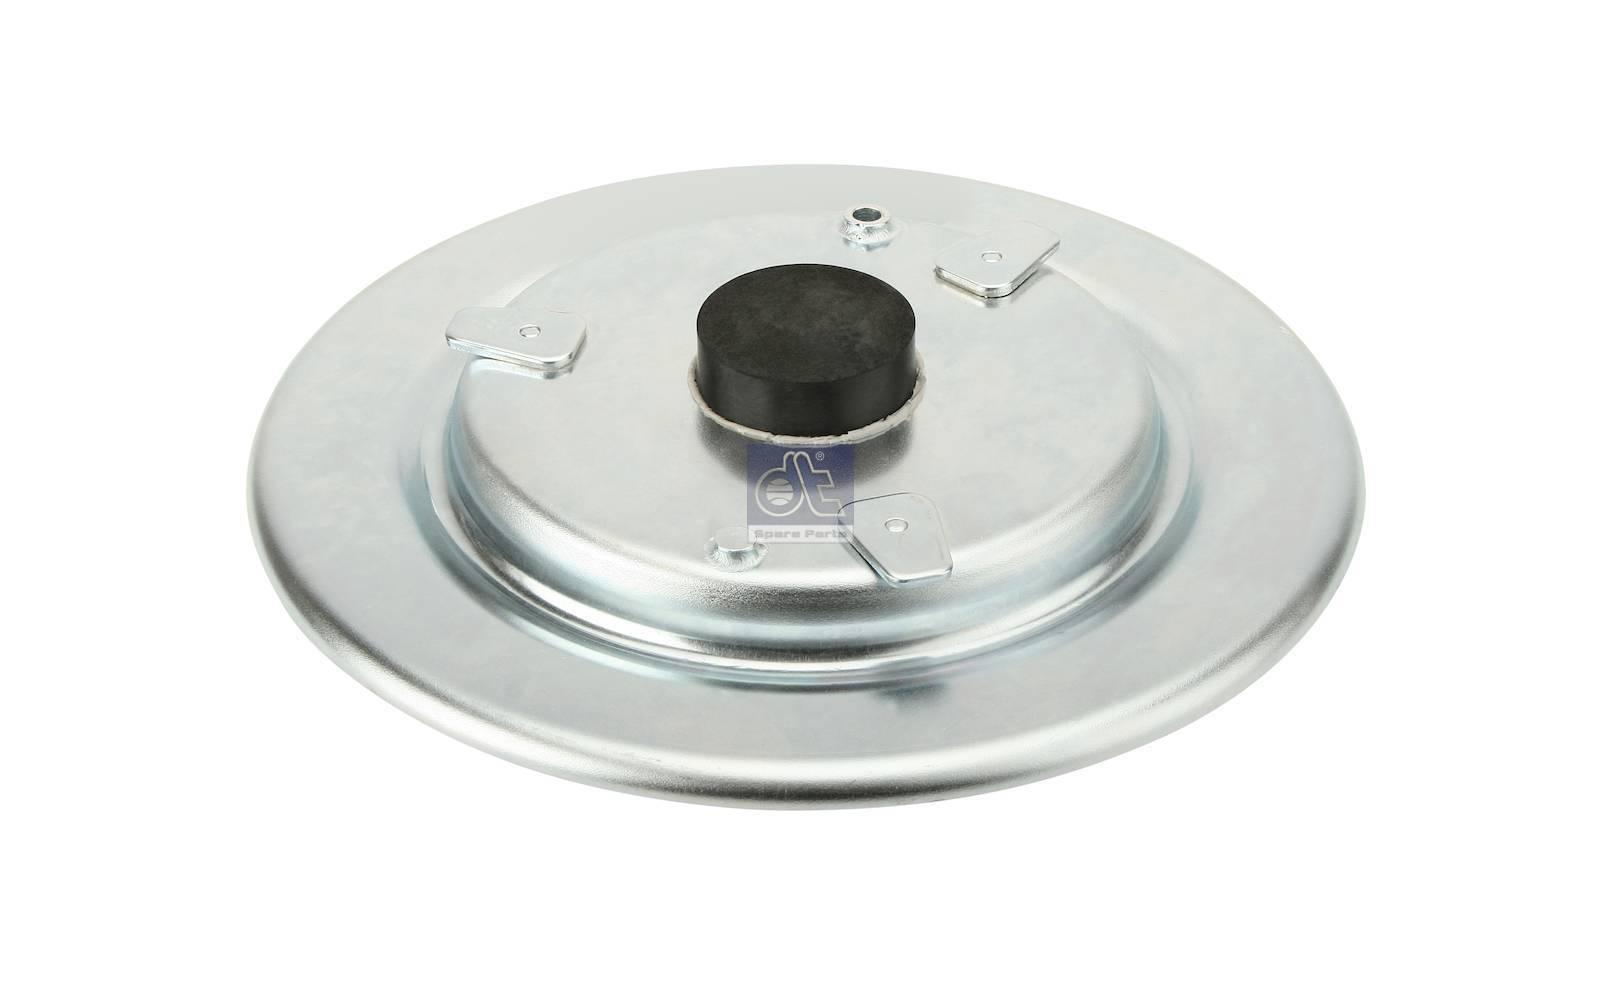 Placa base, mola de suspensão pneumática